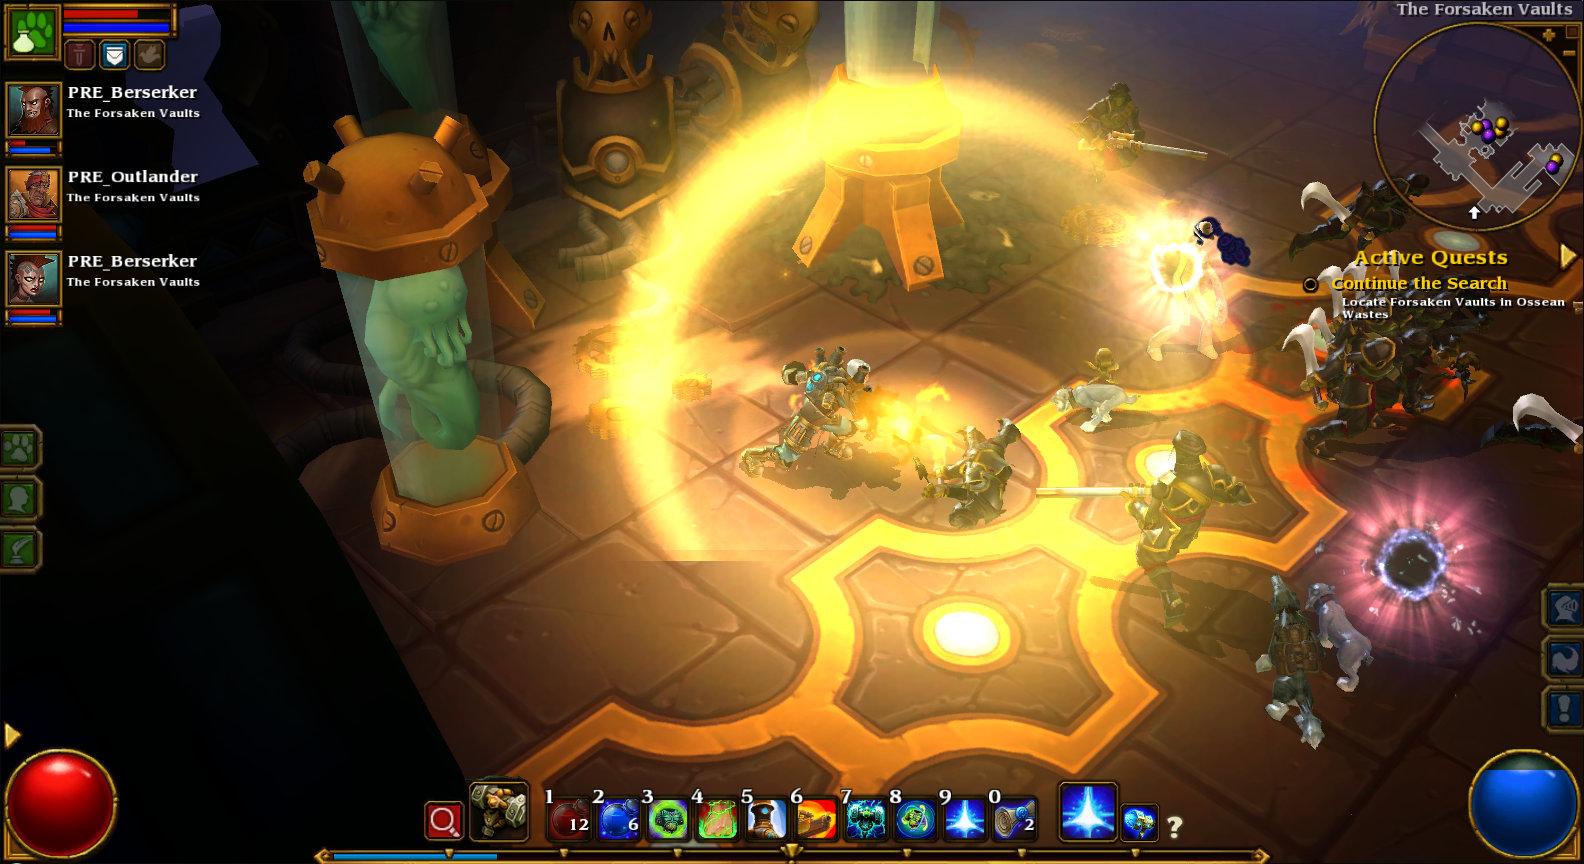 New Screenshots Appear-torchlight_2_1_devilgamer-jpg